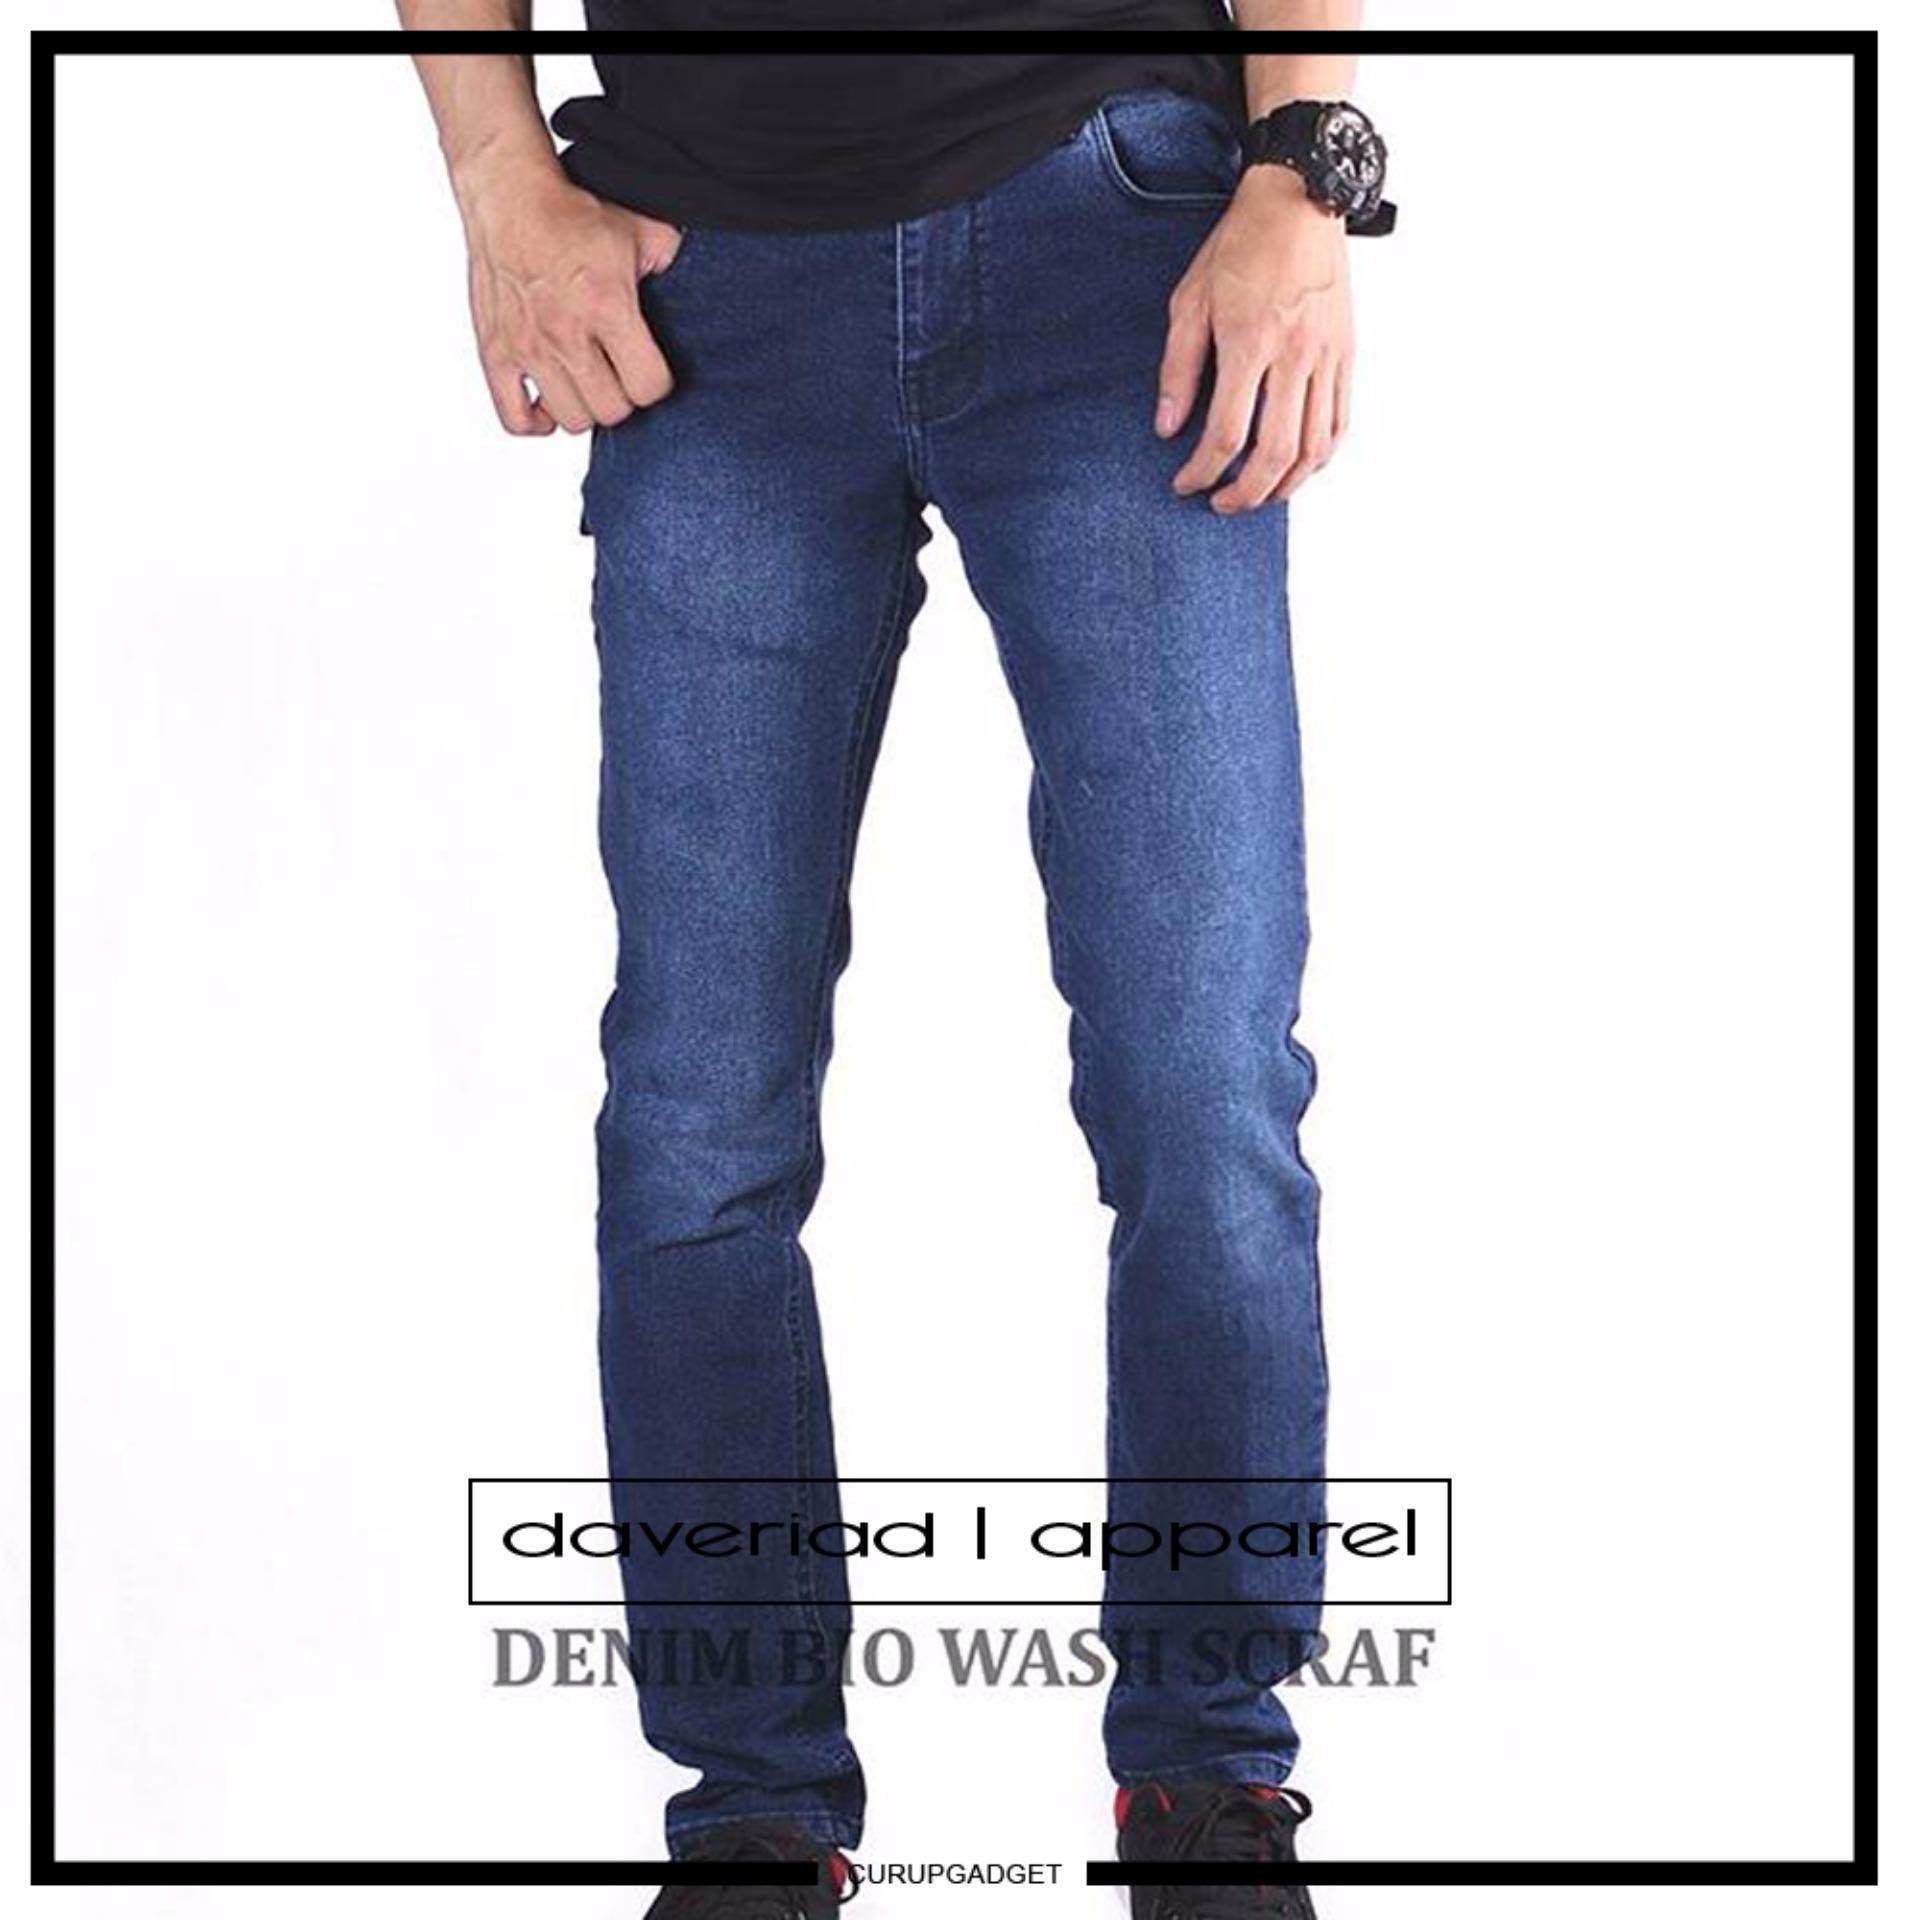 Beli Daveriad Celana Jeans Pria Stretch Denim Trousers Dengan Kartu Kredit